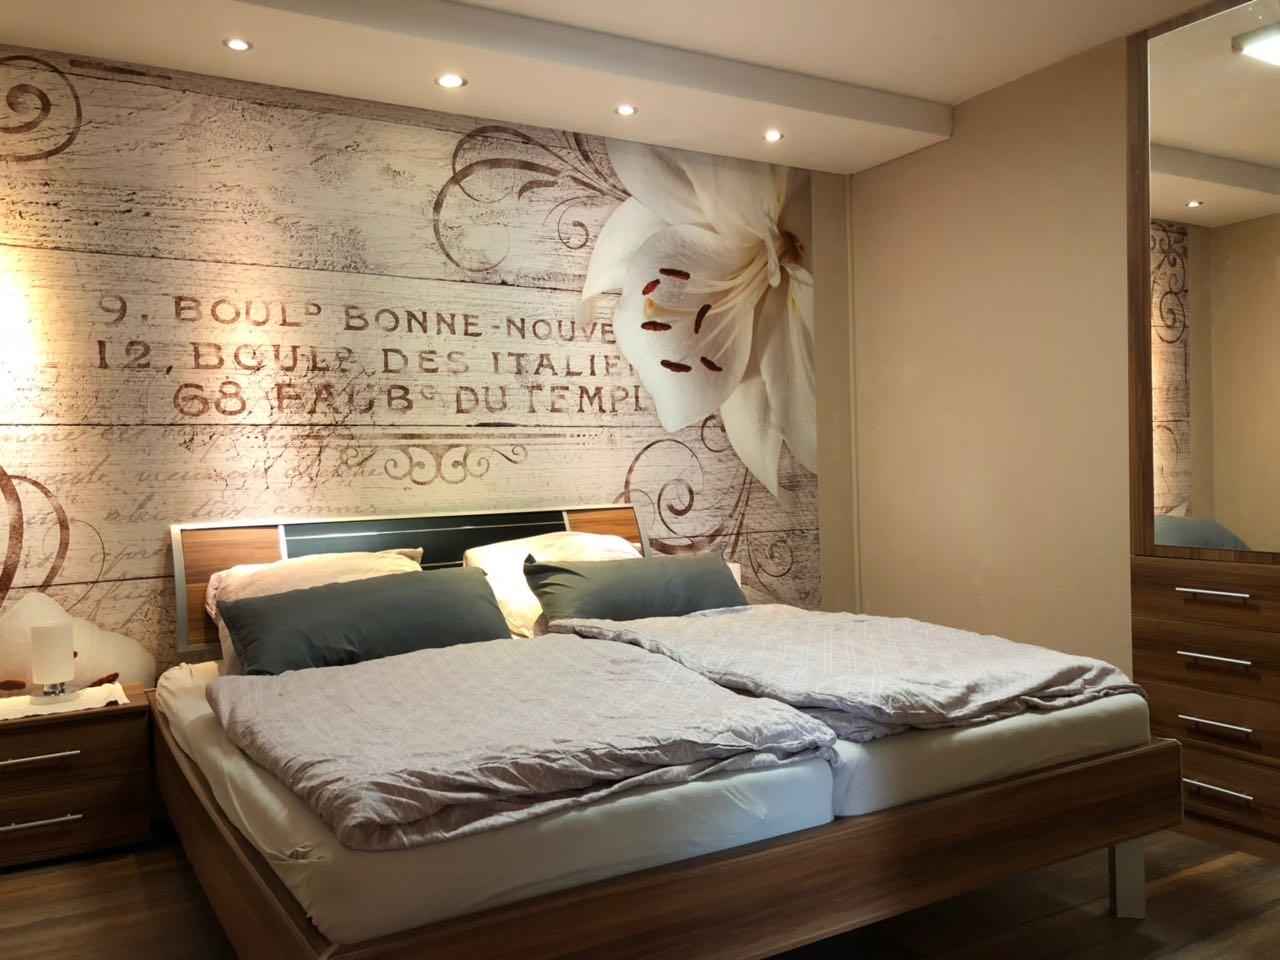 Träumen und schlafen mit großen oder kleinen Kissen, wie Sie möchten